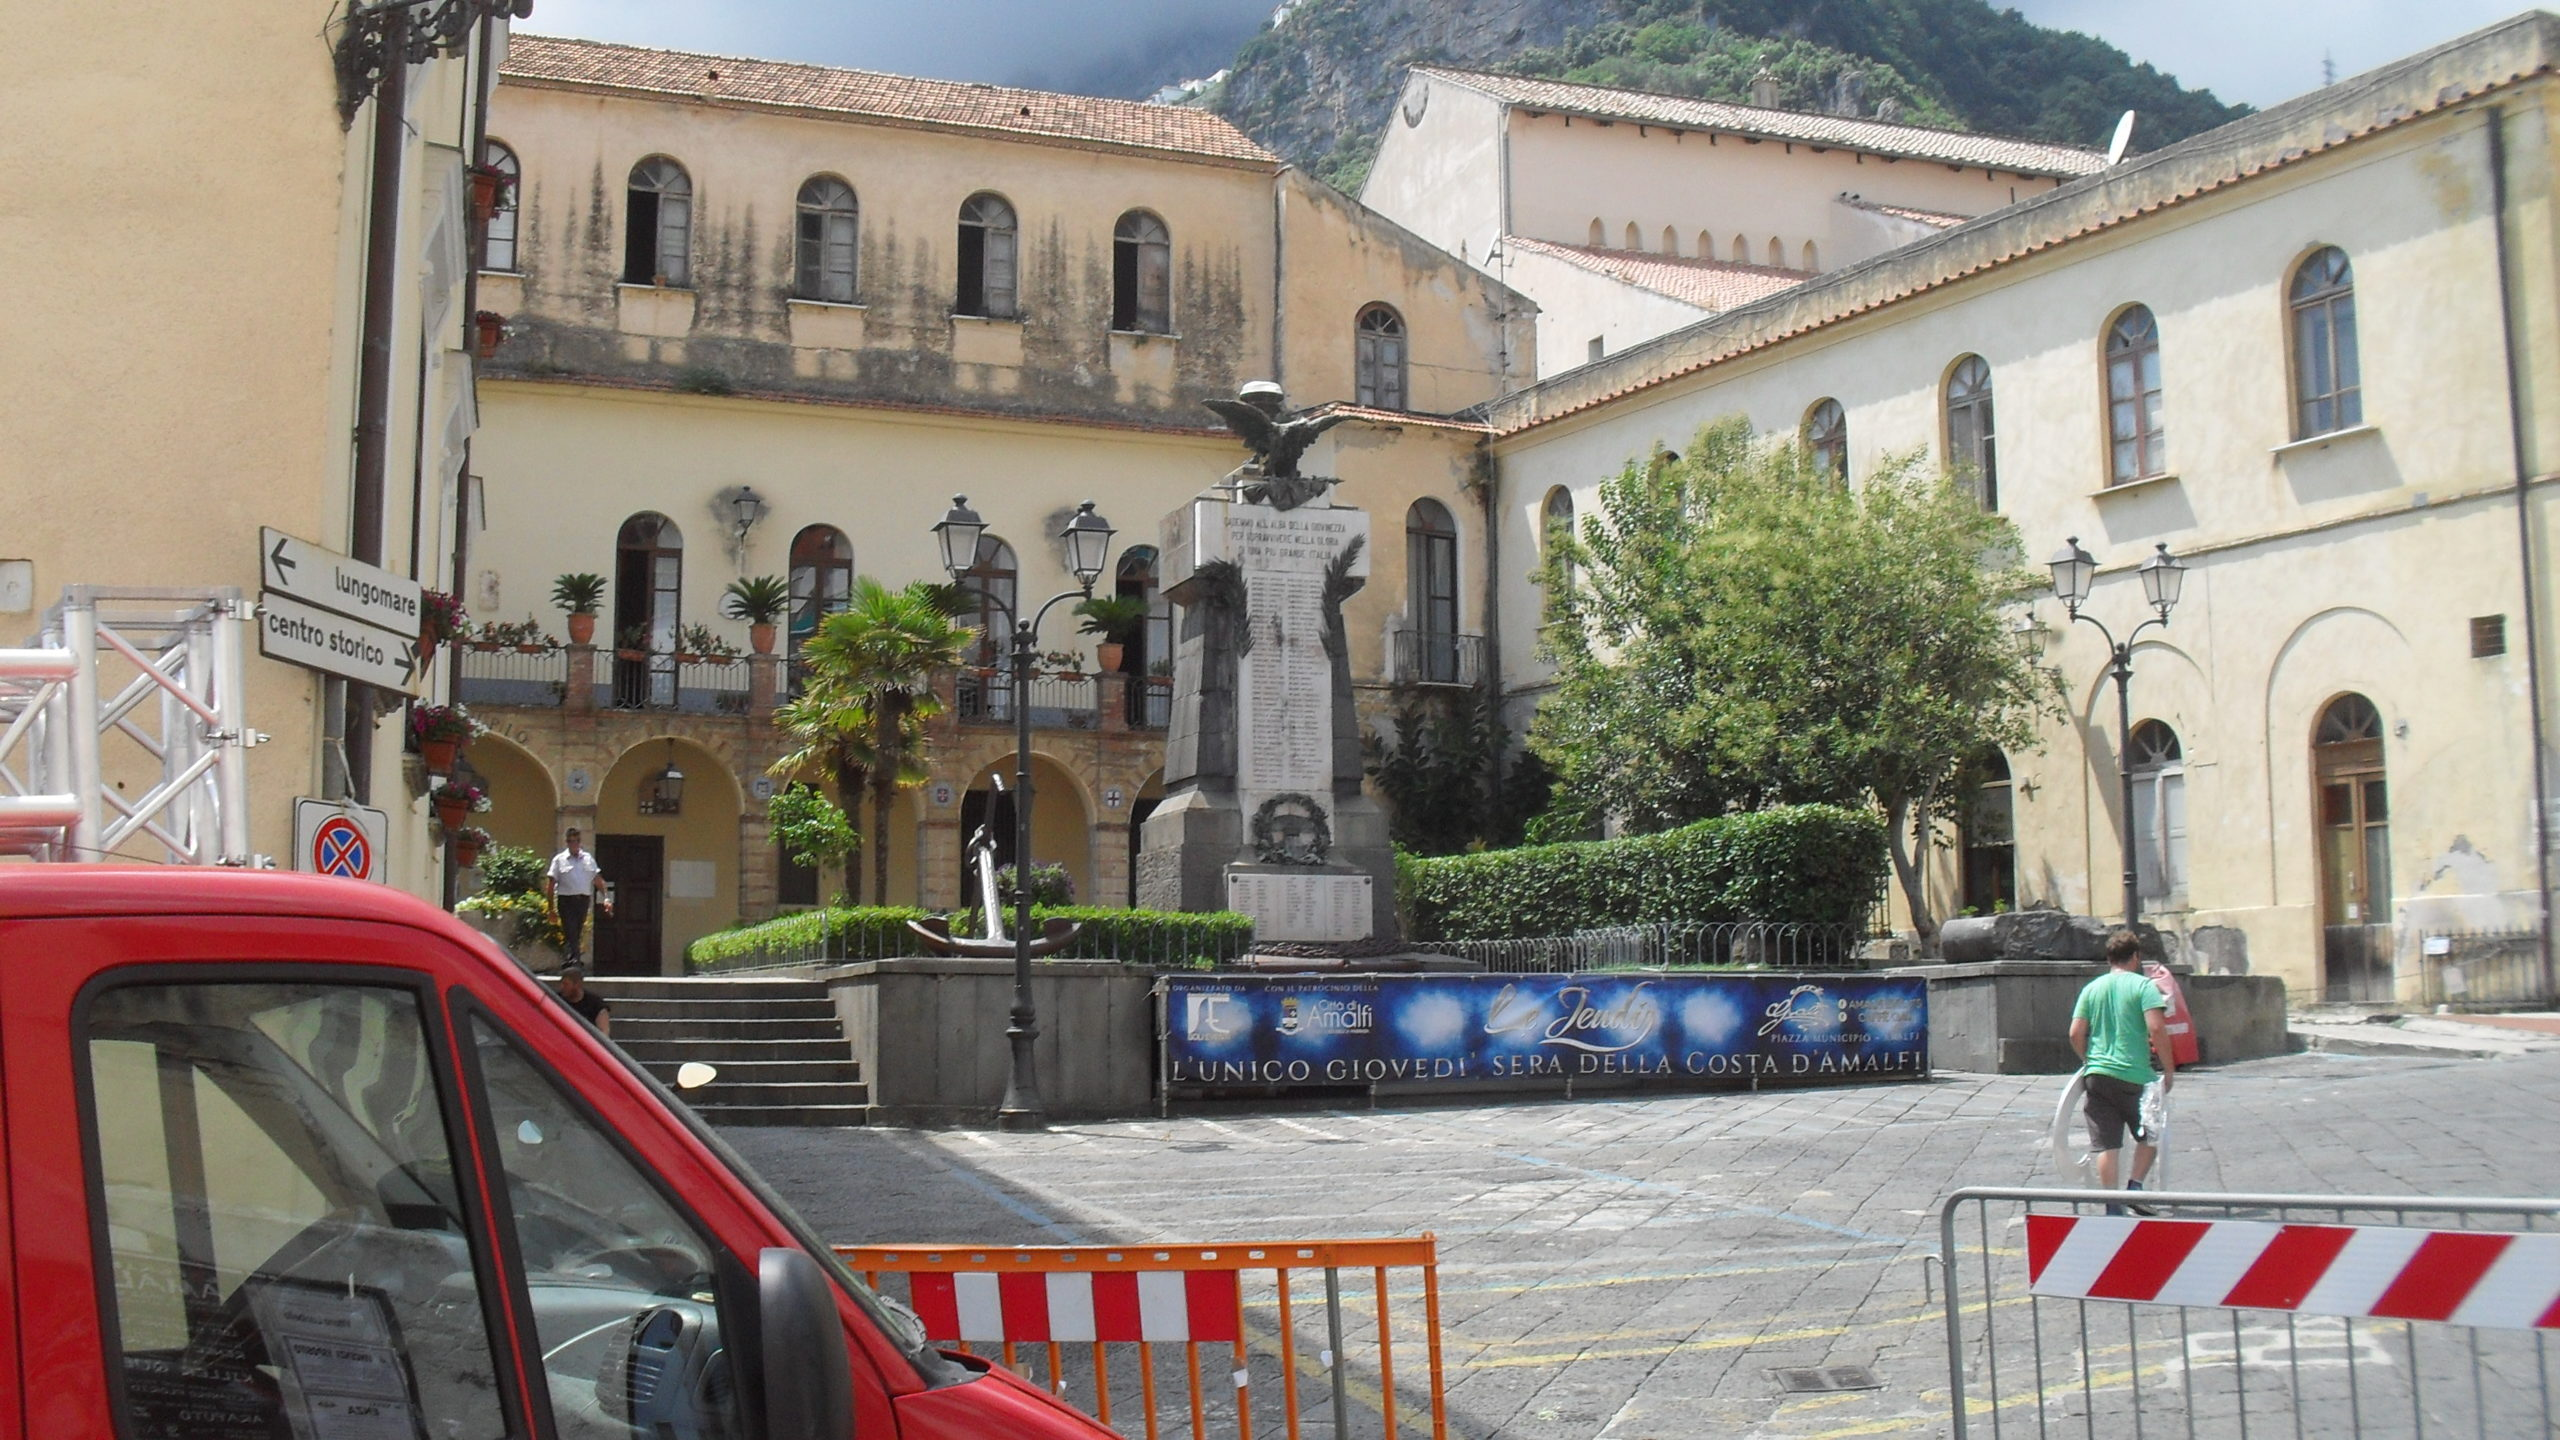 Amalfi città solidale: bando per contributi economici a favore delle persone indigenti